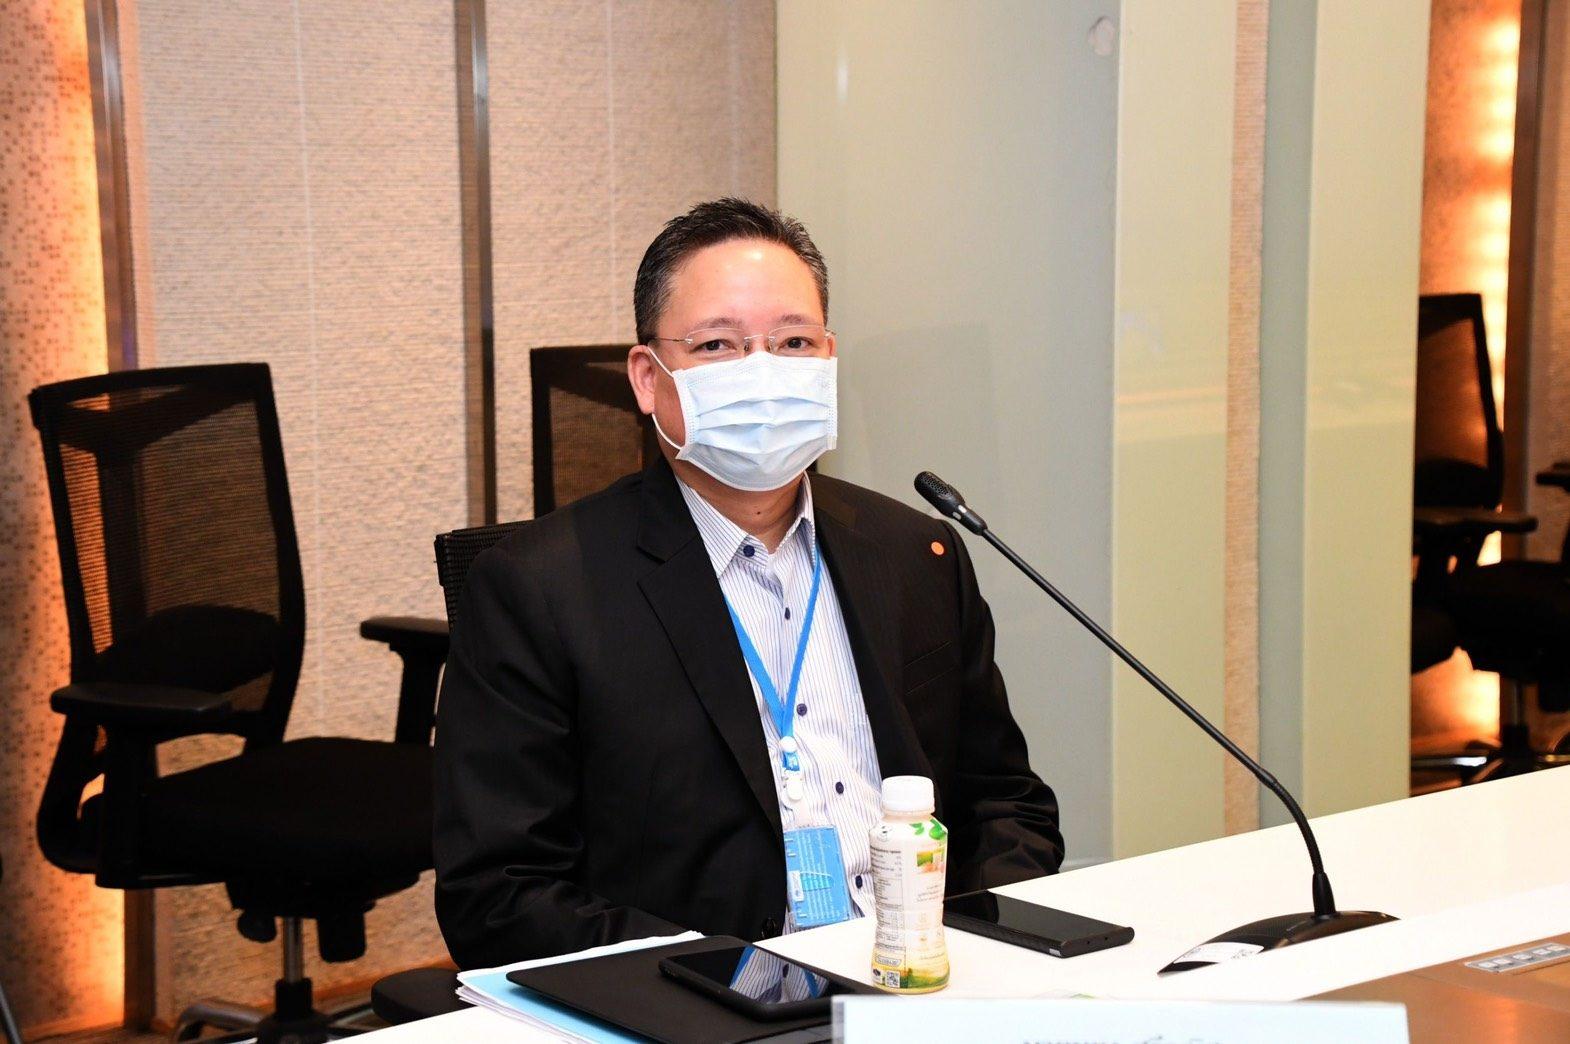 แบงก์กรุงไทยชี้รับเงินเยียวยา 5 พัน ผ่านwww.เราไม่ทิ้งกัน.comท่านั้น ใช้บัญชีธนาคารใดรับเงินก็ได้